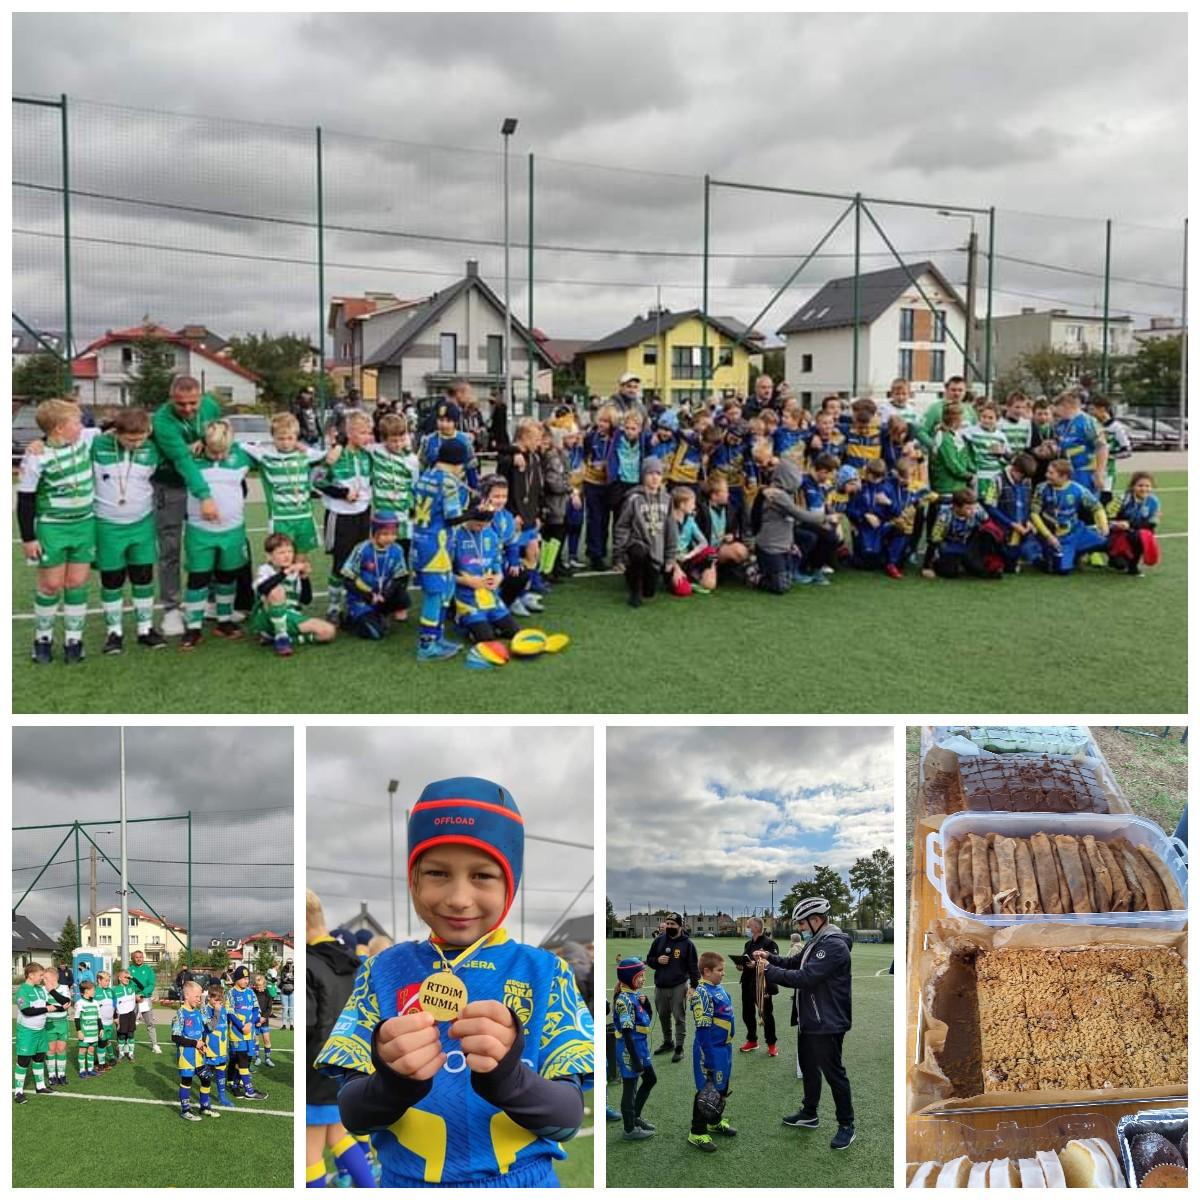 Arka Rumia zorganizowała turniej dla dzieci